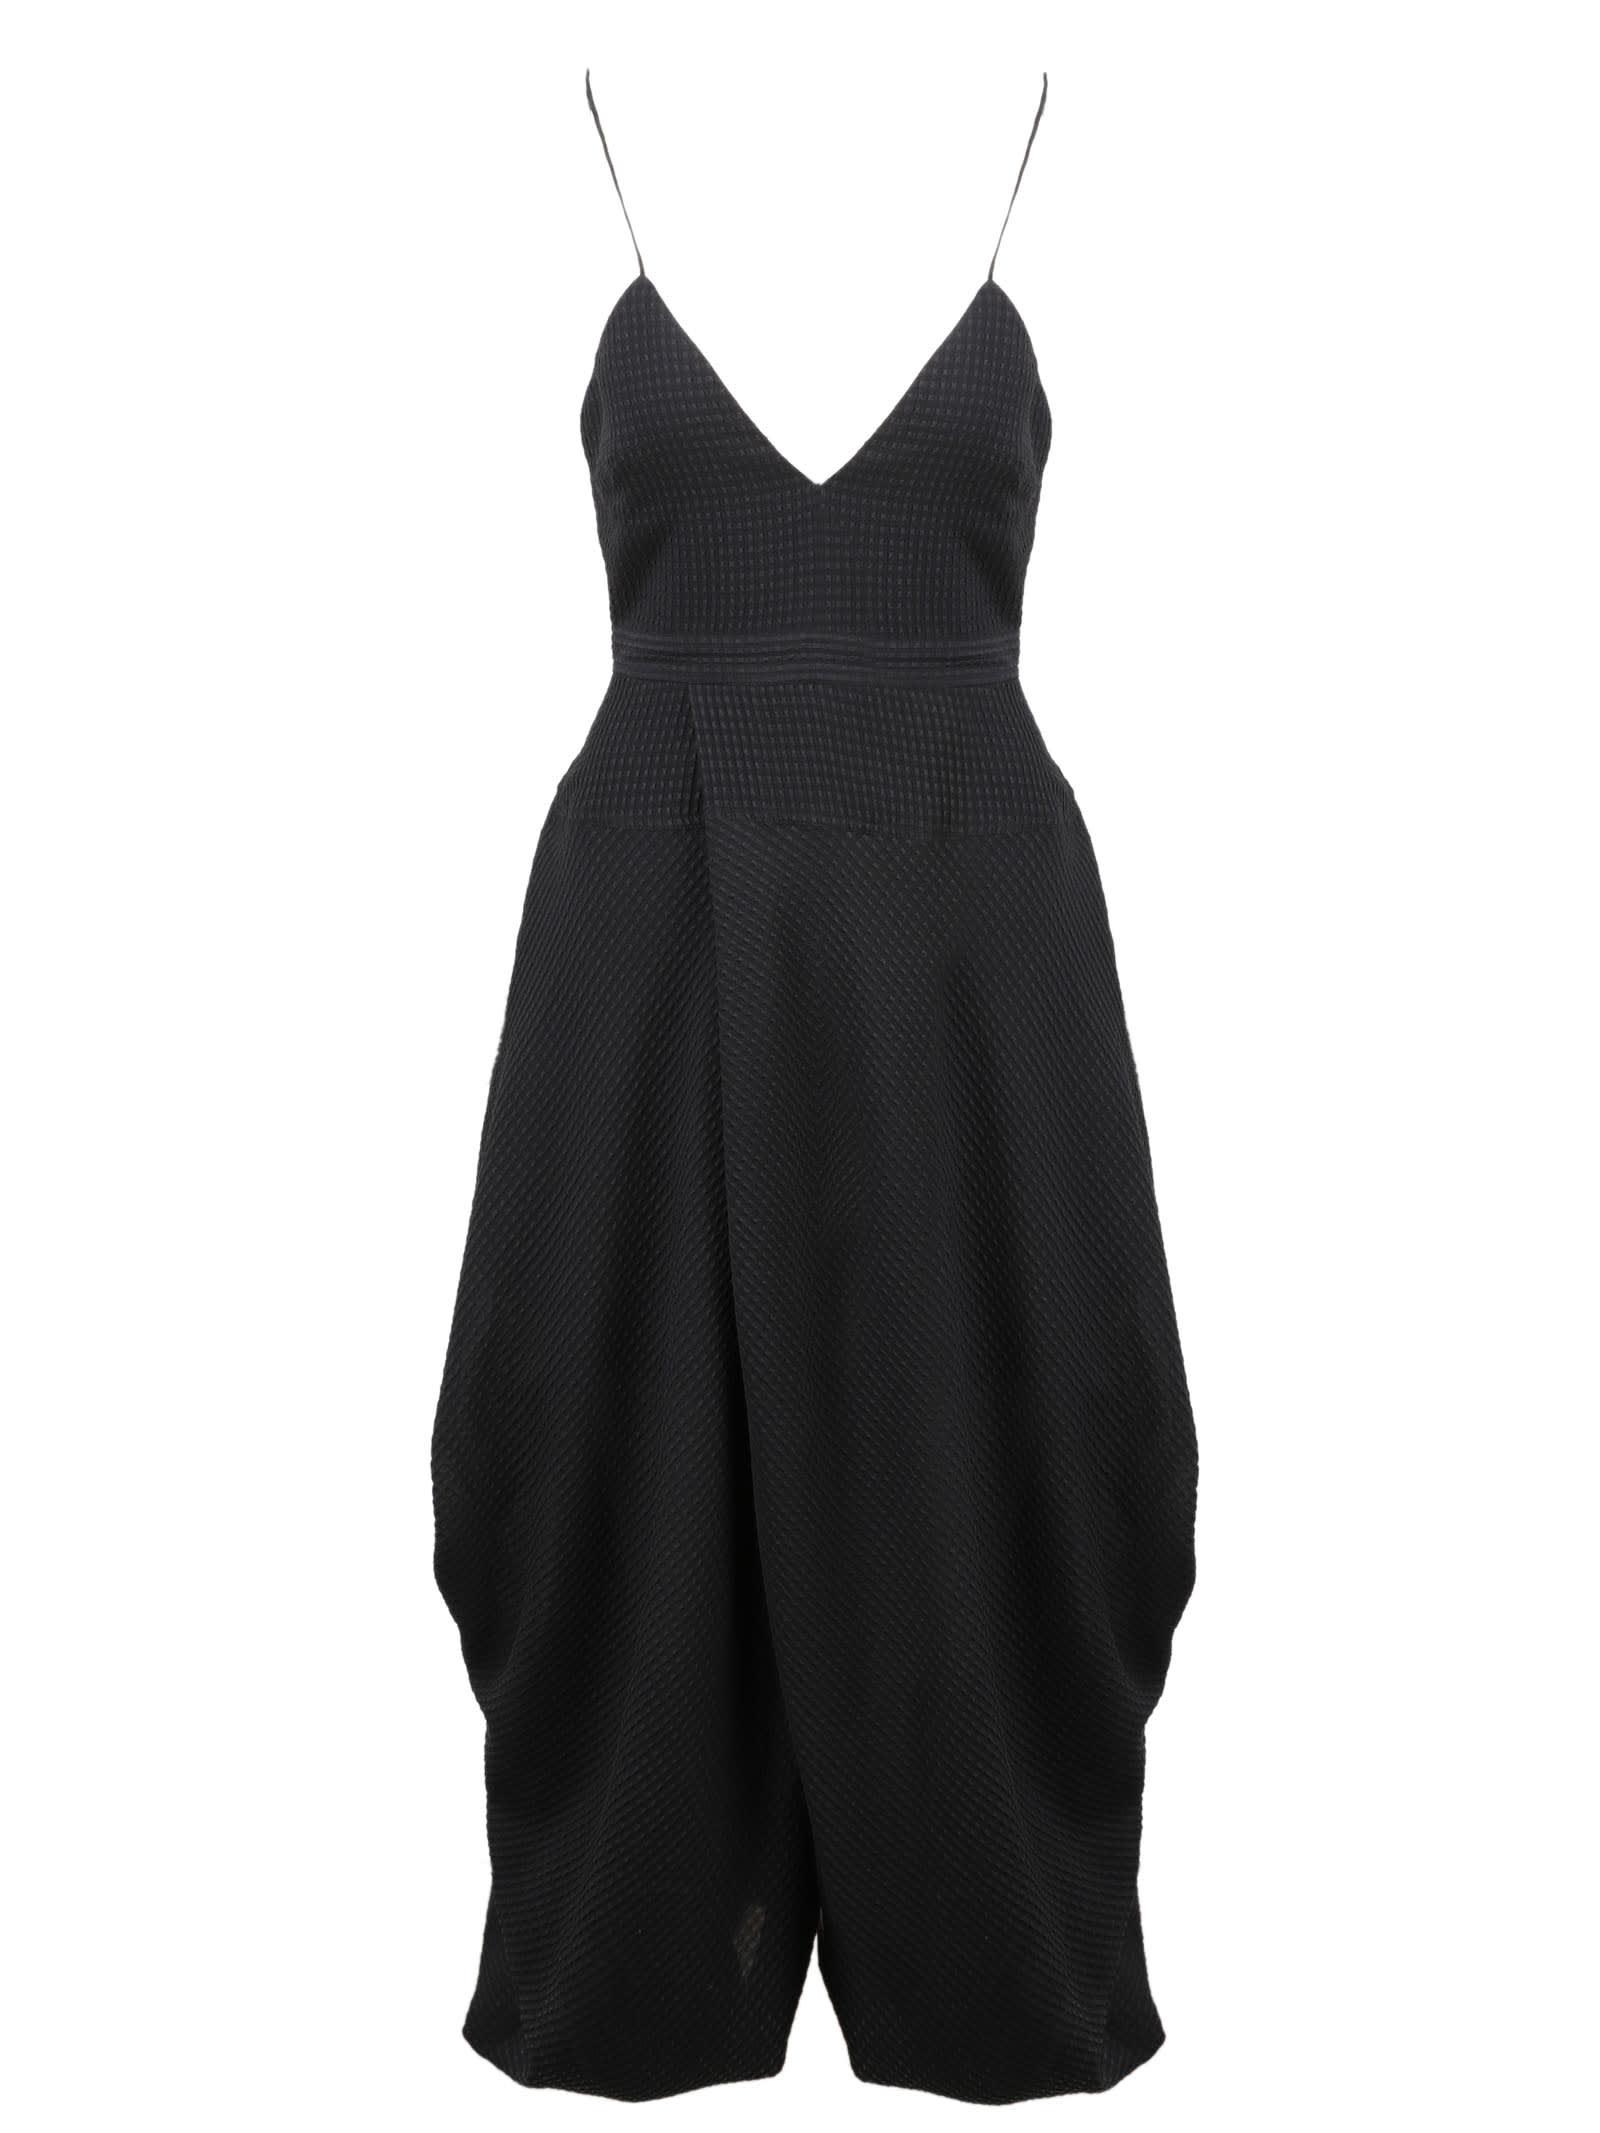 Stella McCartney Jenna Dress